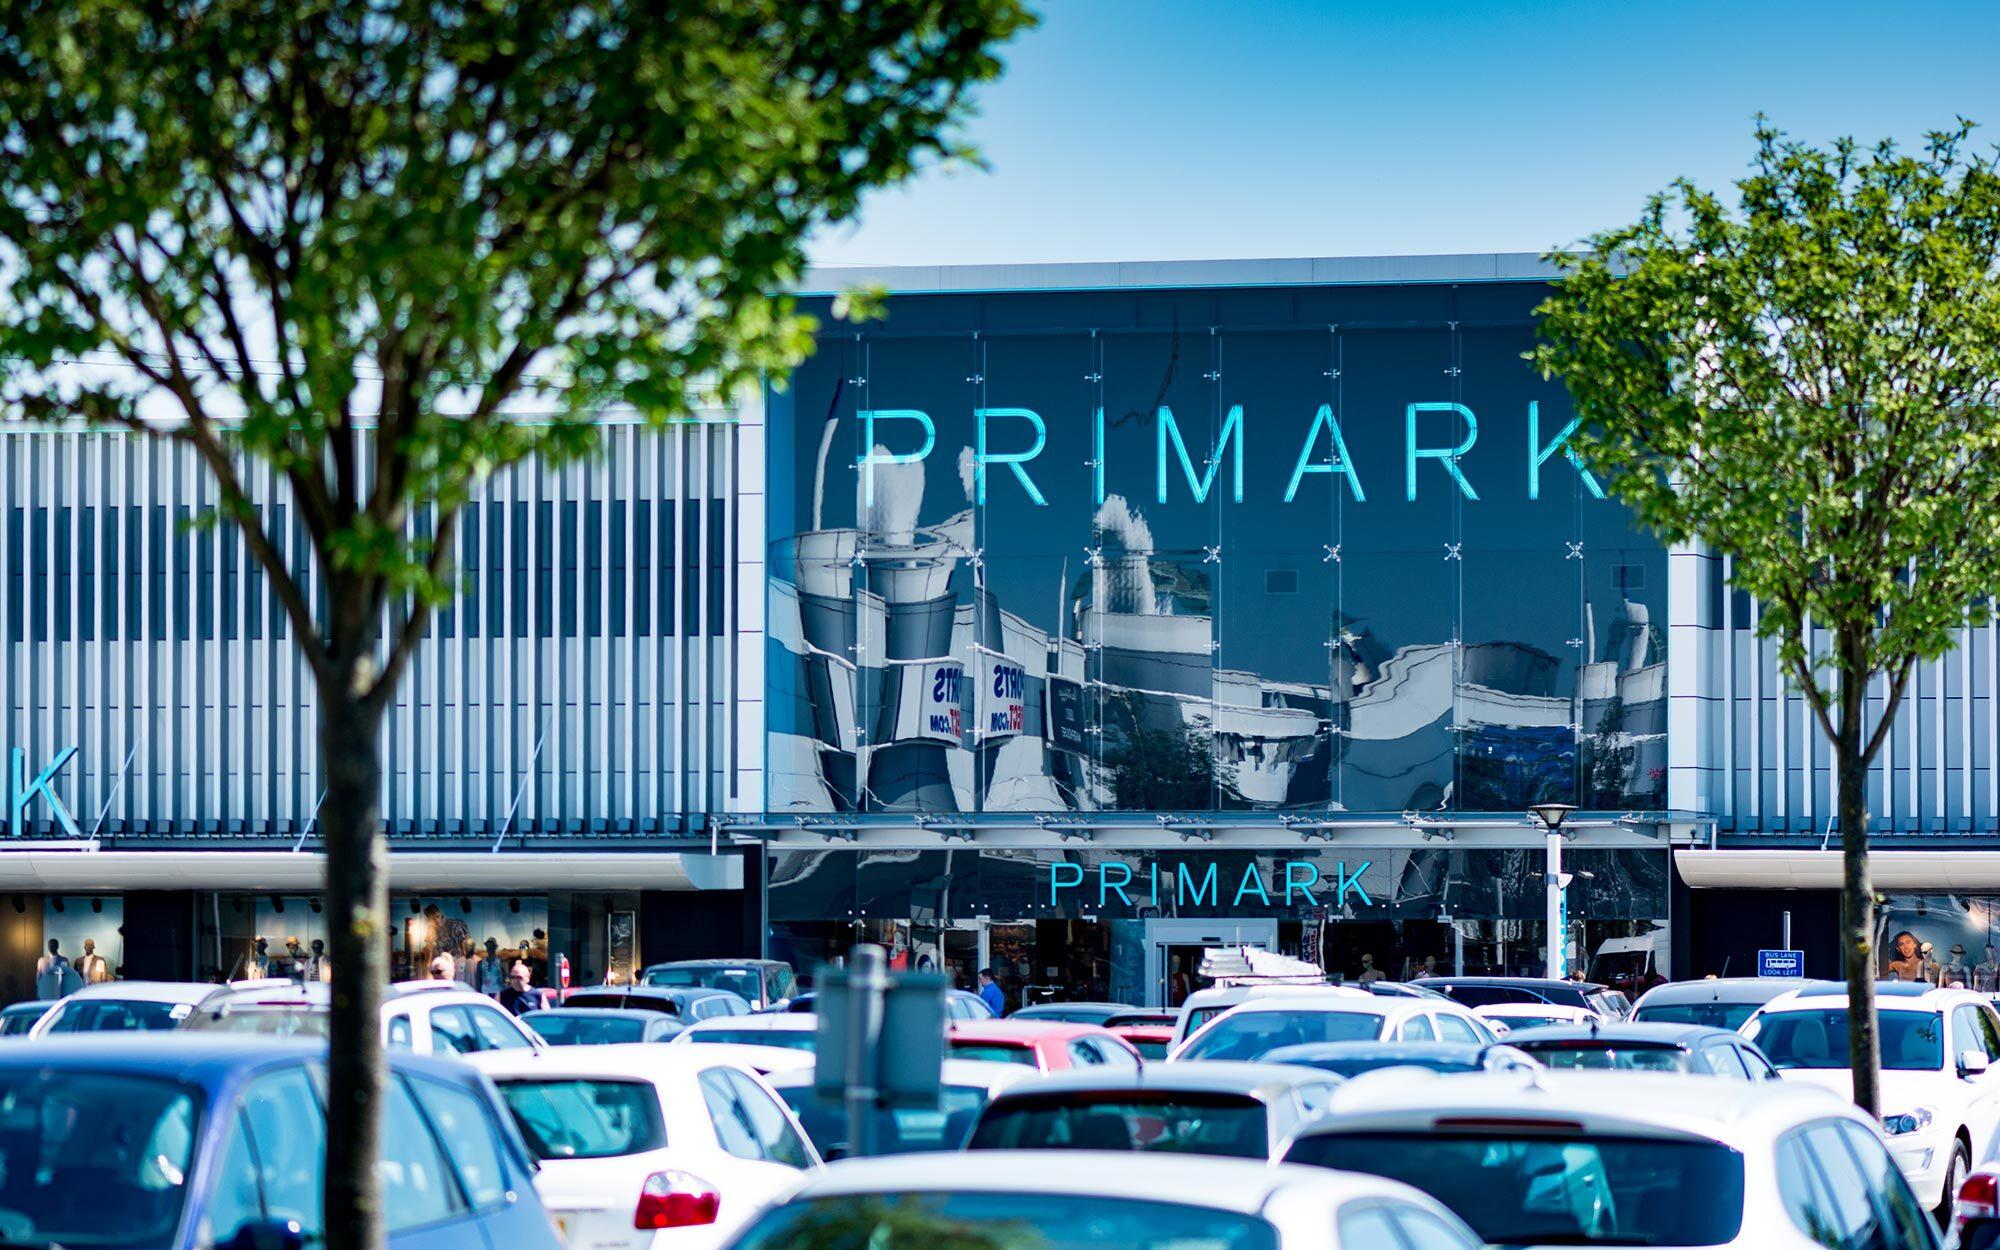 Primark - Monks Cross, York